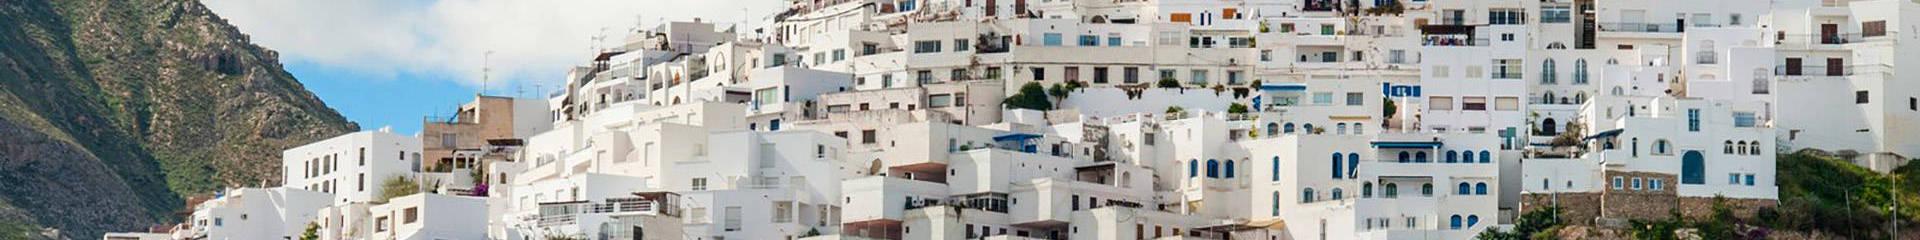 Mojácar Pueblo, Almería